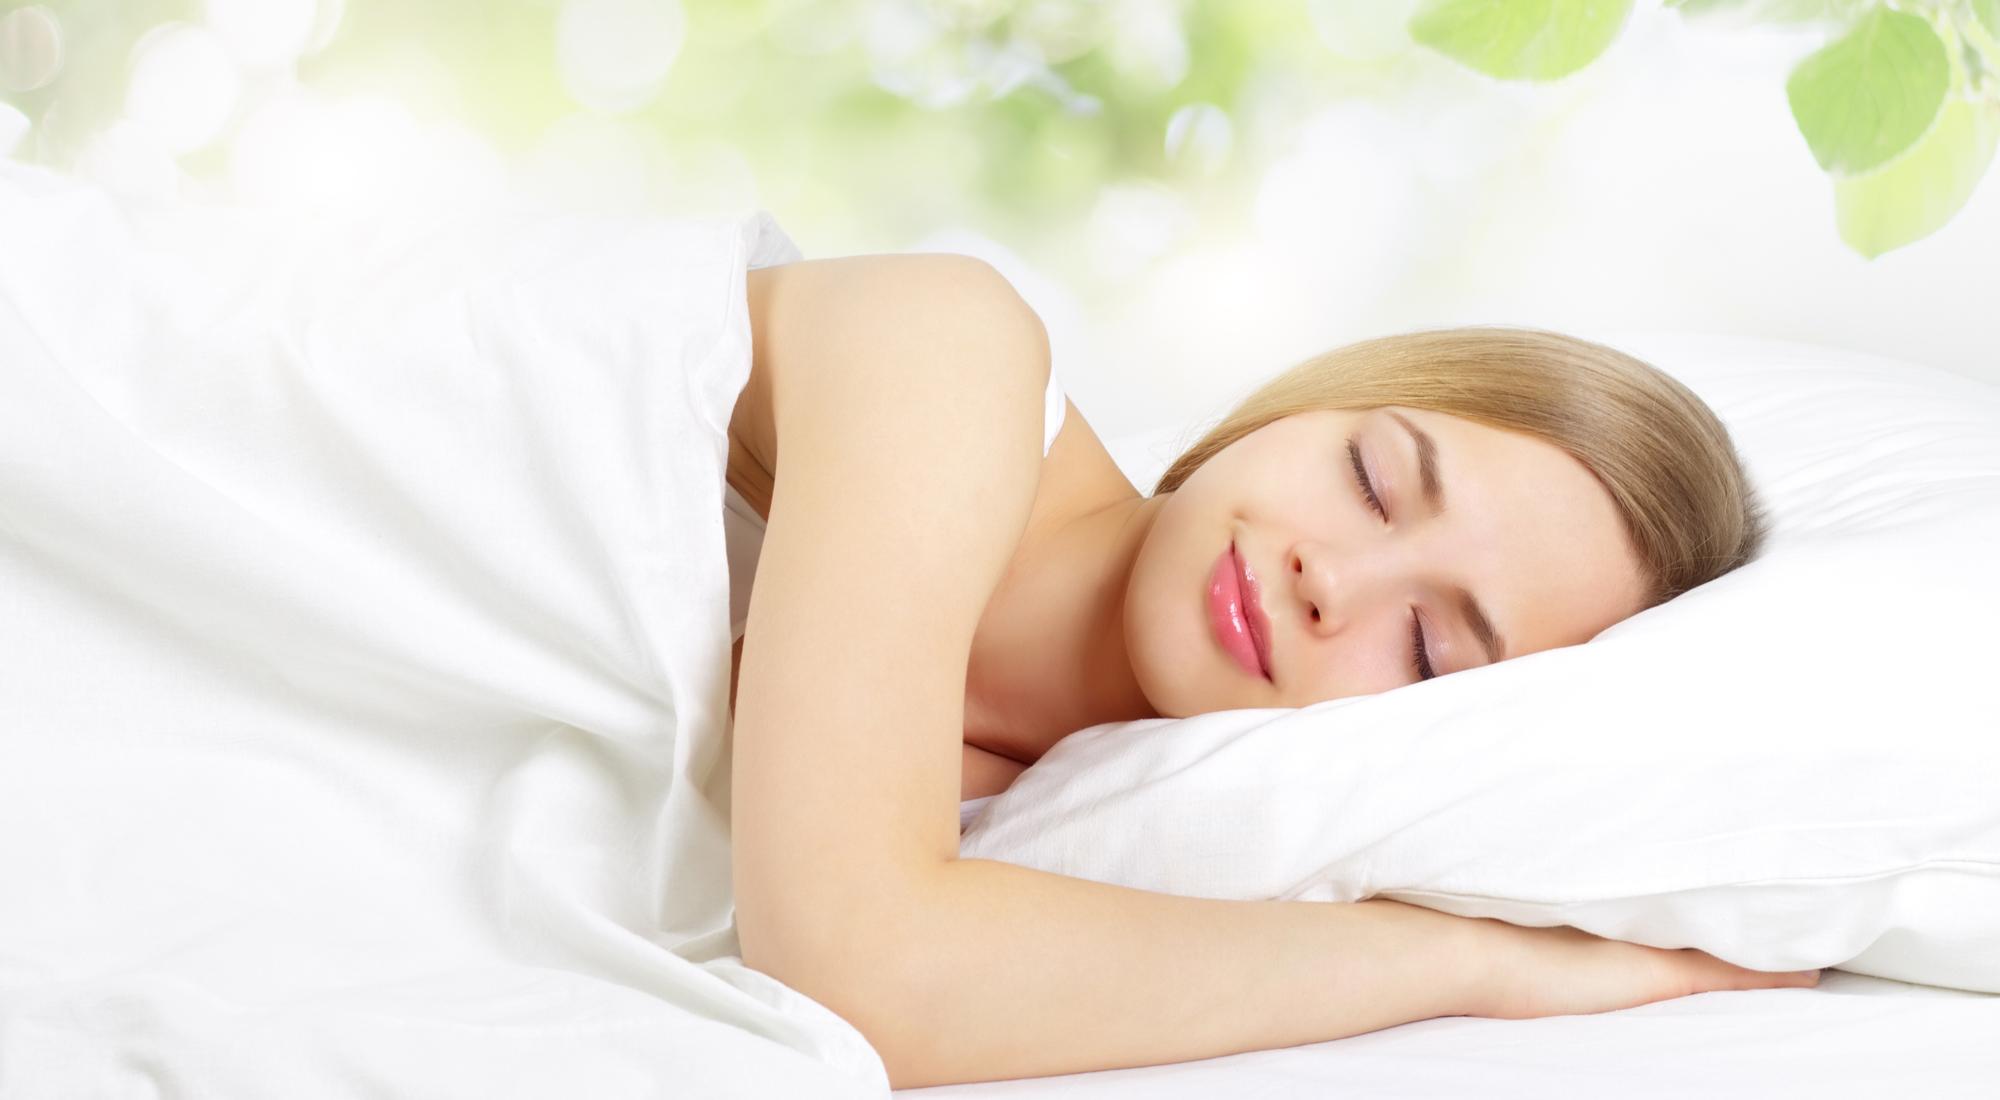 Comprar camas, somieres, literas, canguros, canapés, colchones, almohadas, carros ortopédicos